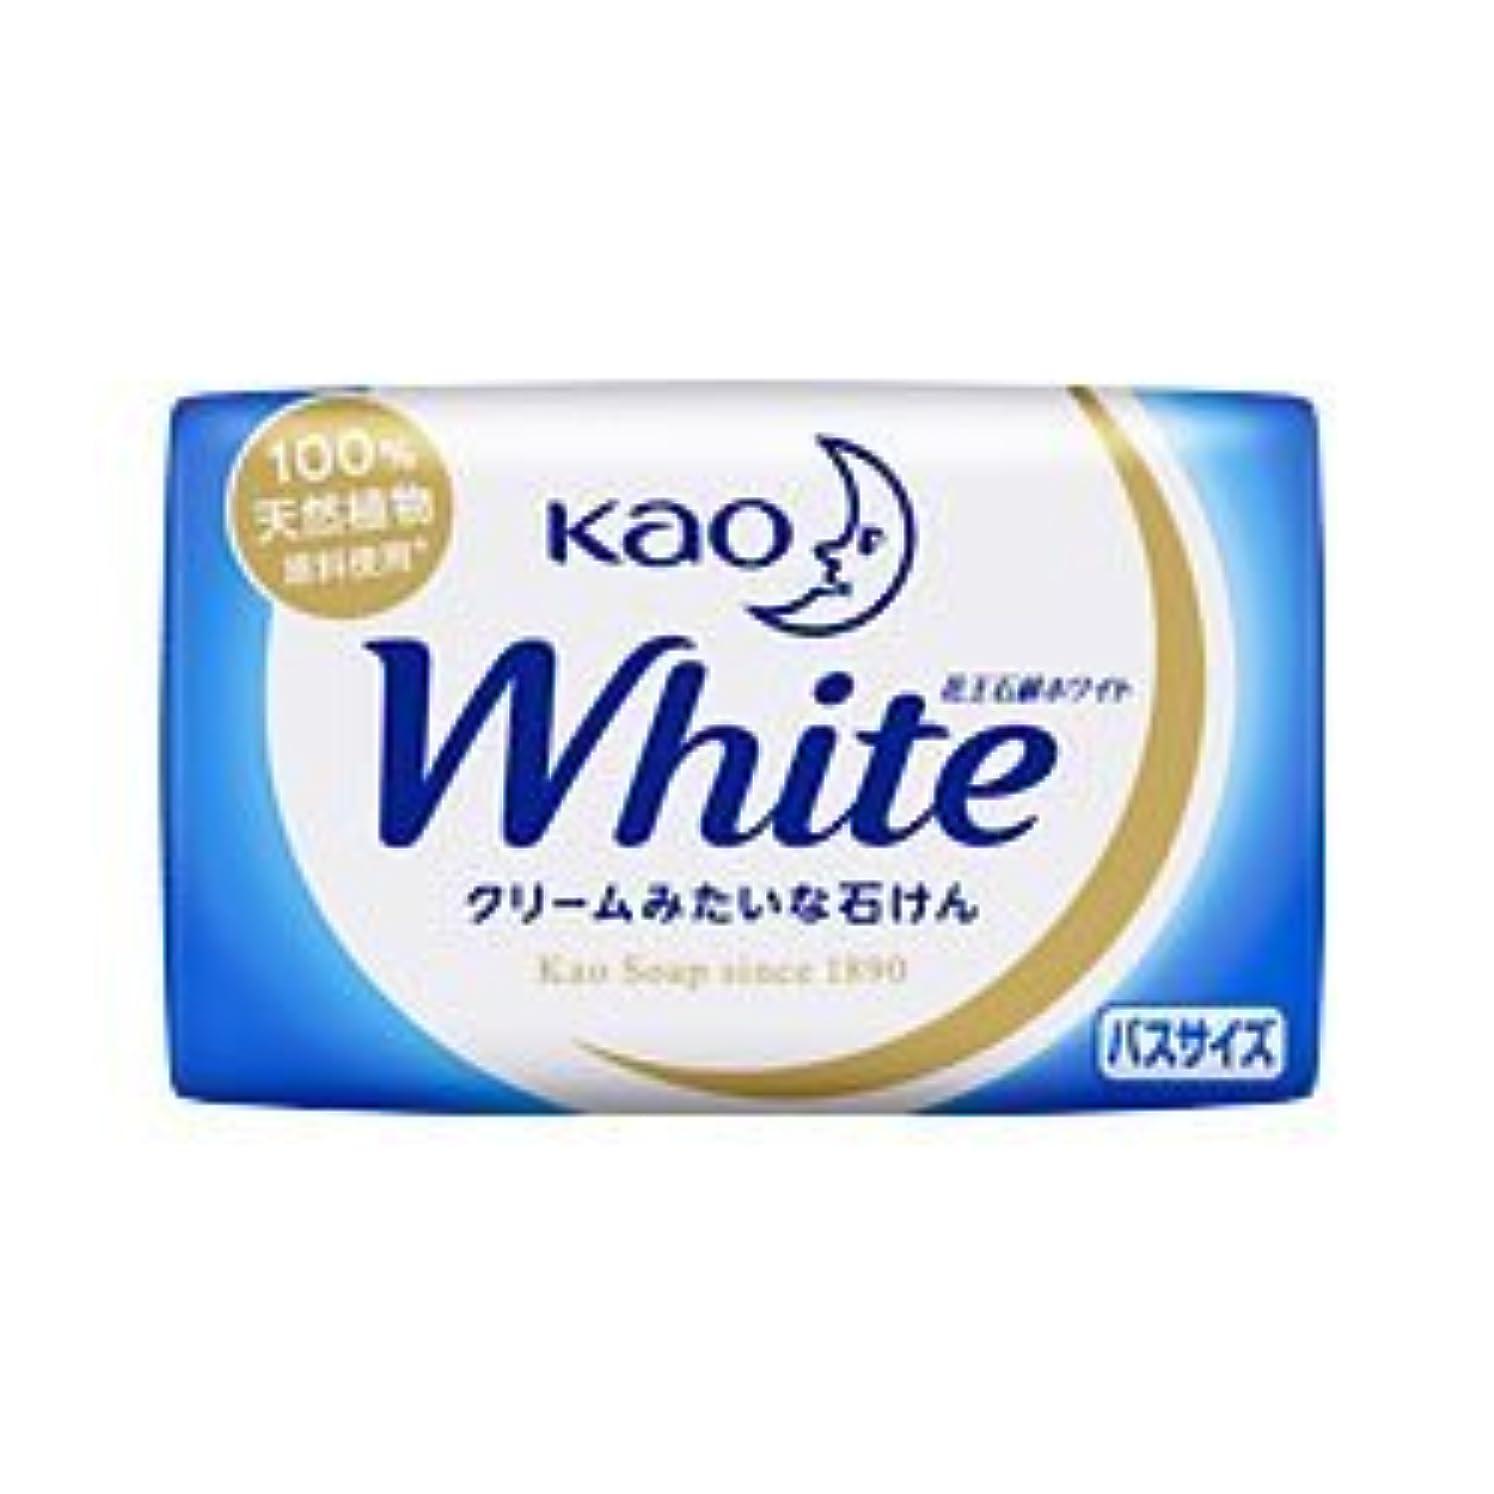 プラグ毎日鋭く【花王】花王ホワイト バスサイズ 1個 130g ×5個セット